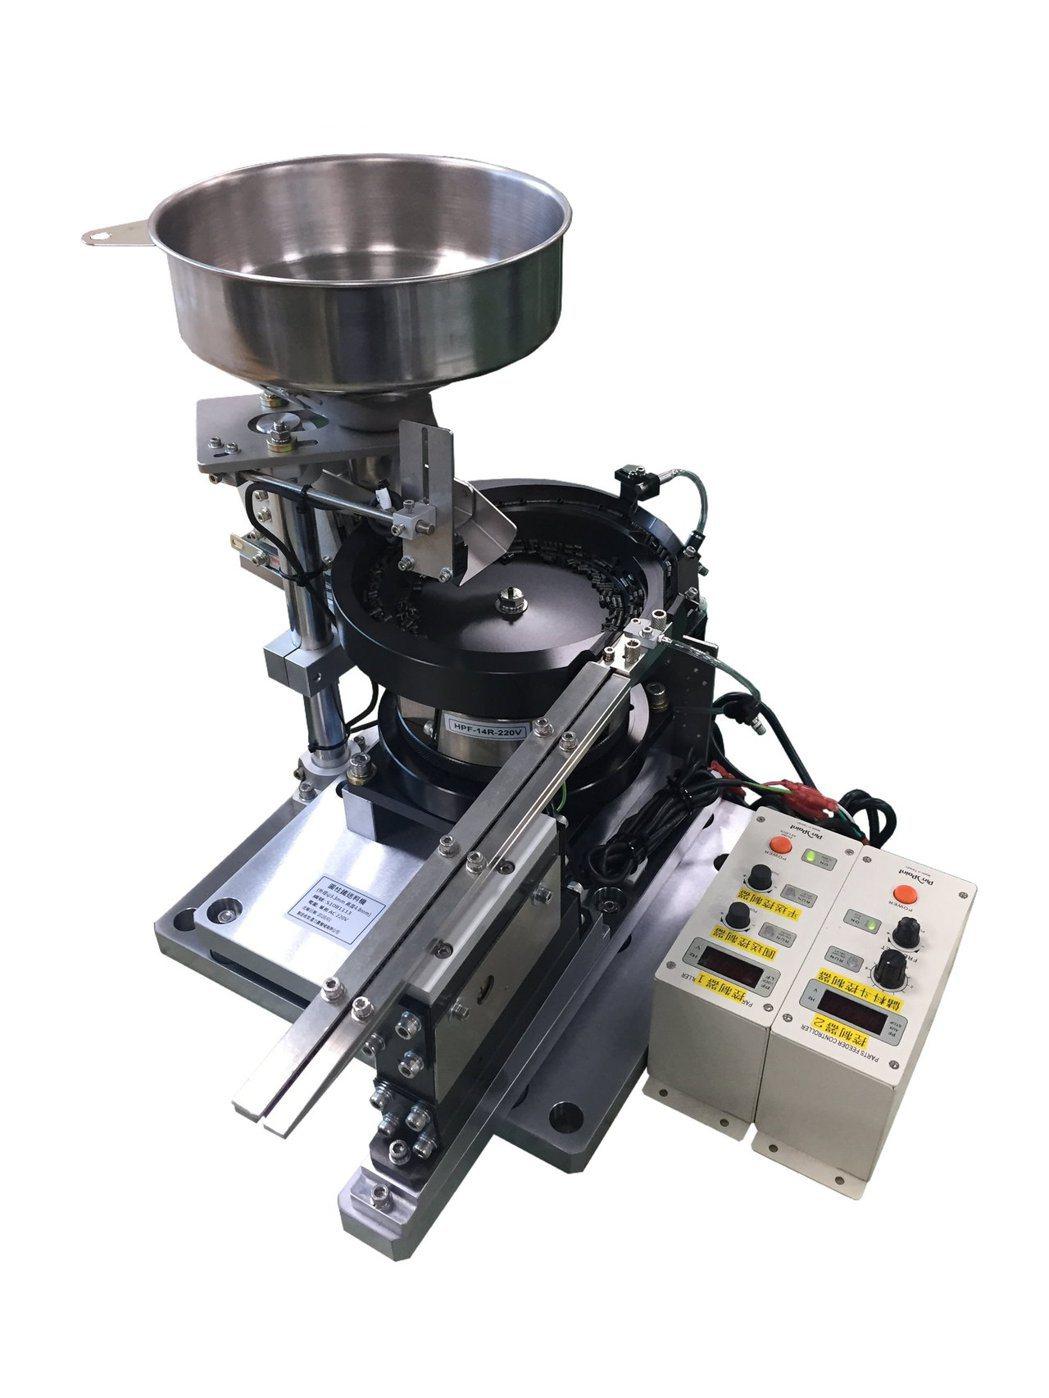 鑫力嘉設計製造圓柱鐵送料機。 鑫力嘉/提供